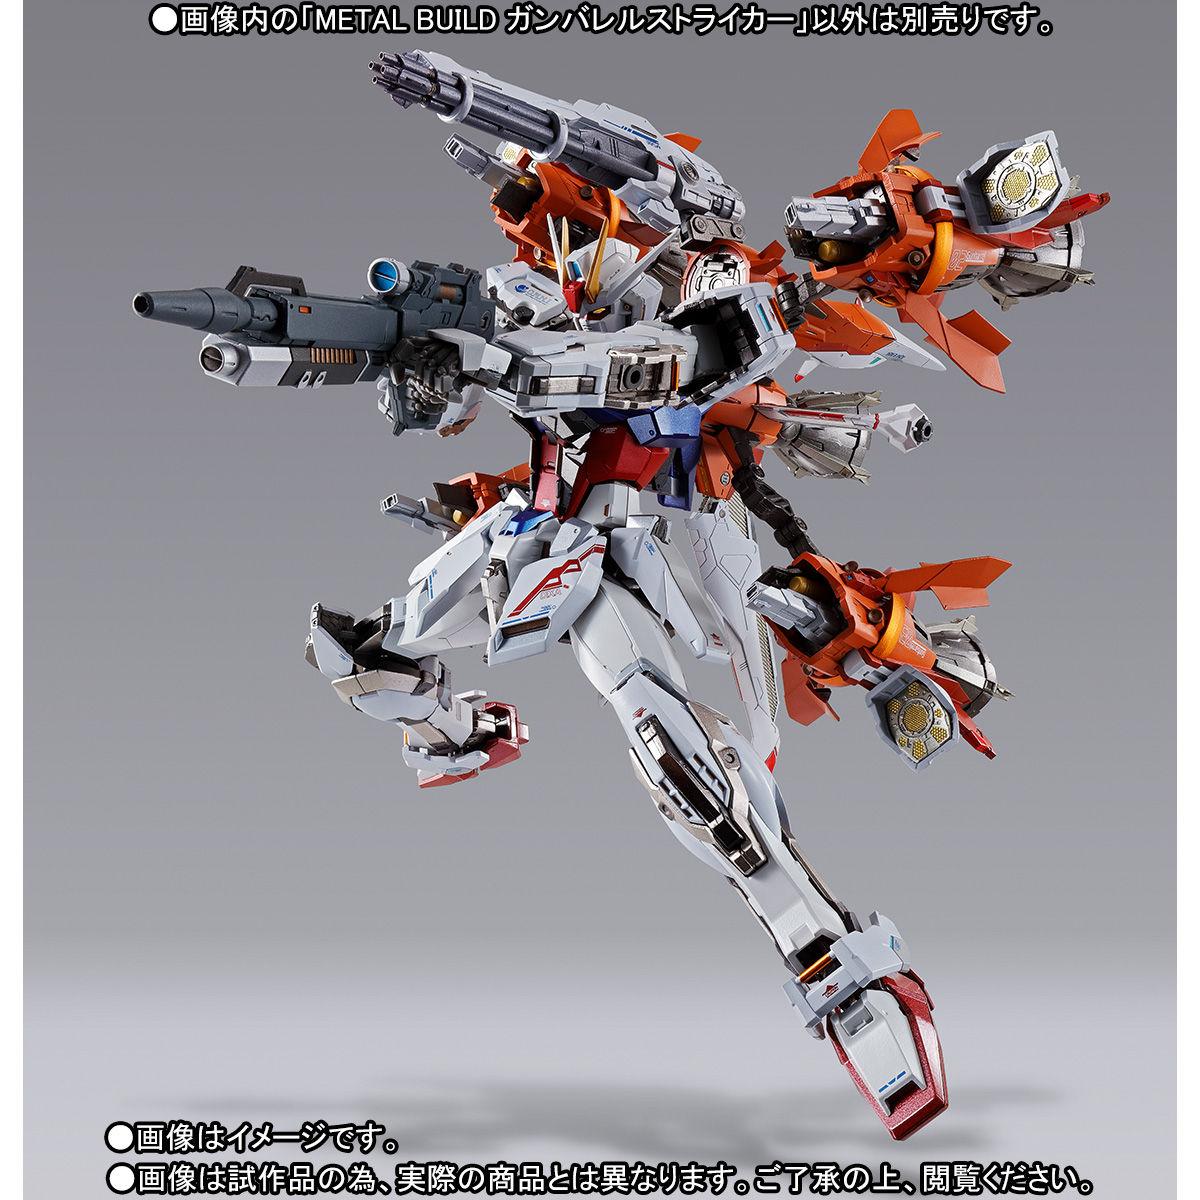 METAL BUILD『ガンバレルストライカー 機動戦士ガンダムSEED MSV』可動フィギュア-005